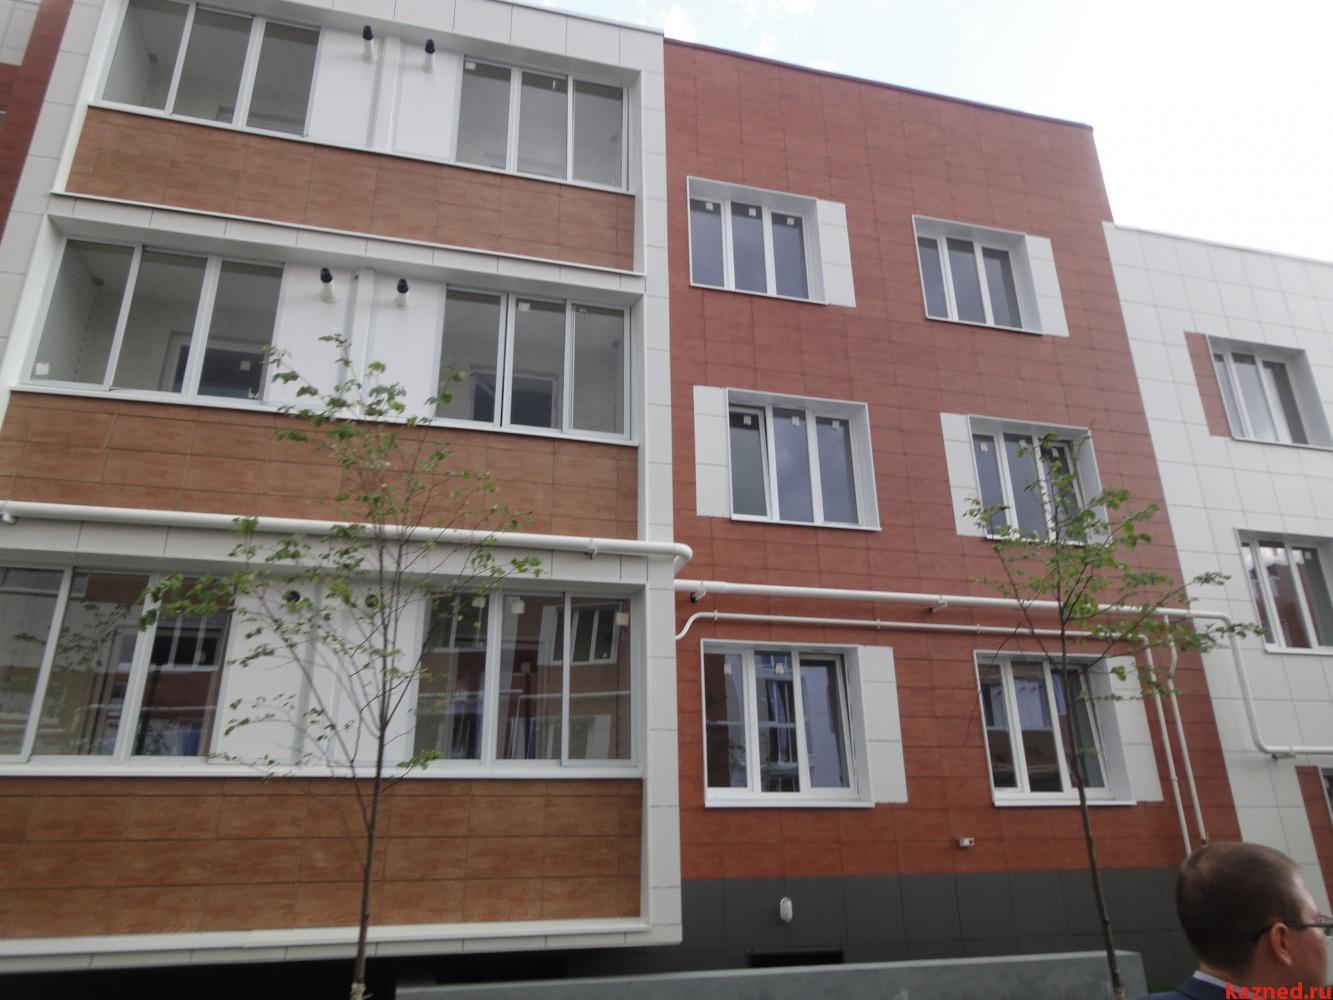 Продажа 1-к квартиры Мамадышский тракт, 34 м2  (миниатюра №2)